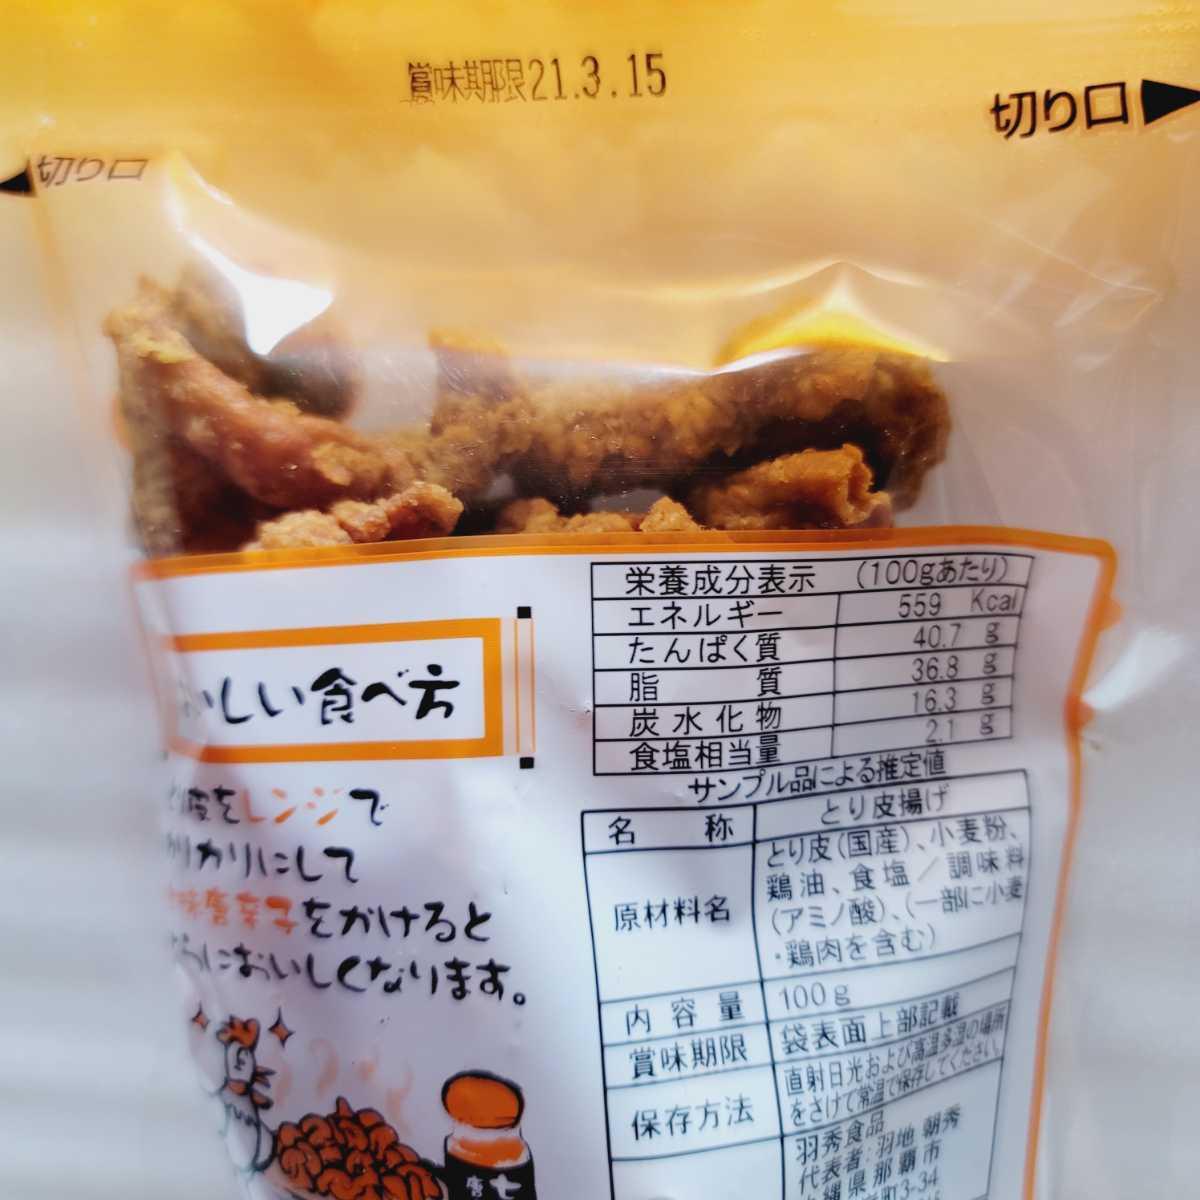 おつまみ、おやつに 沖縄 とり皮・ 豚皮 セット      * 鶏皮 揚げ あんだかしー トンピー  お菓子詰め合わせ_画像2